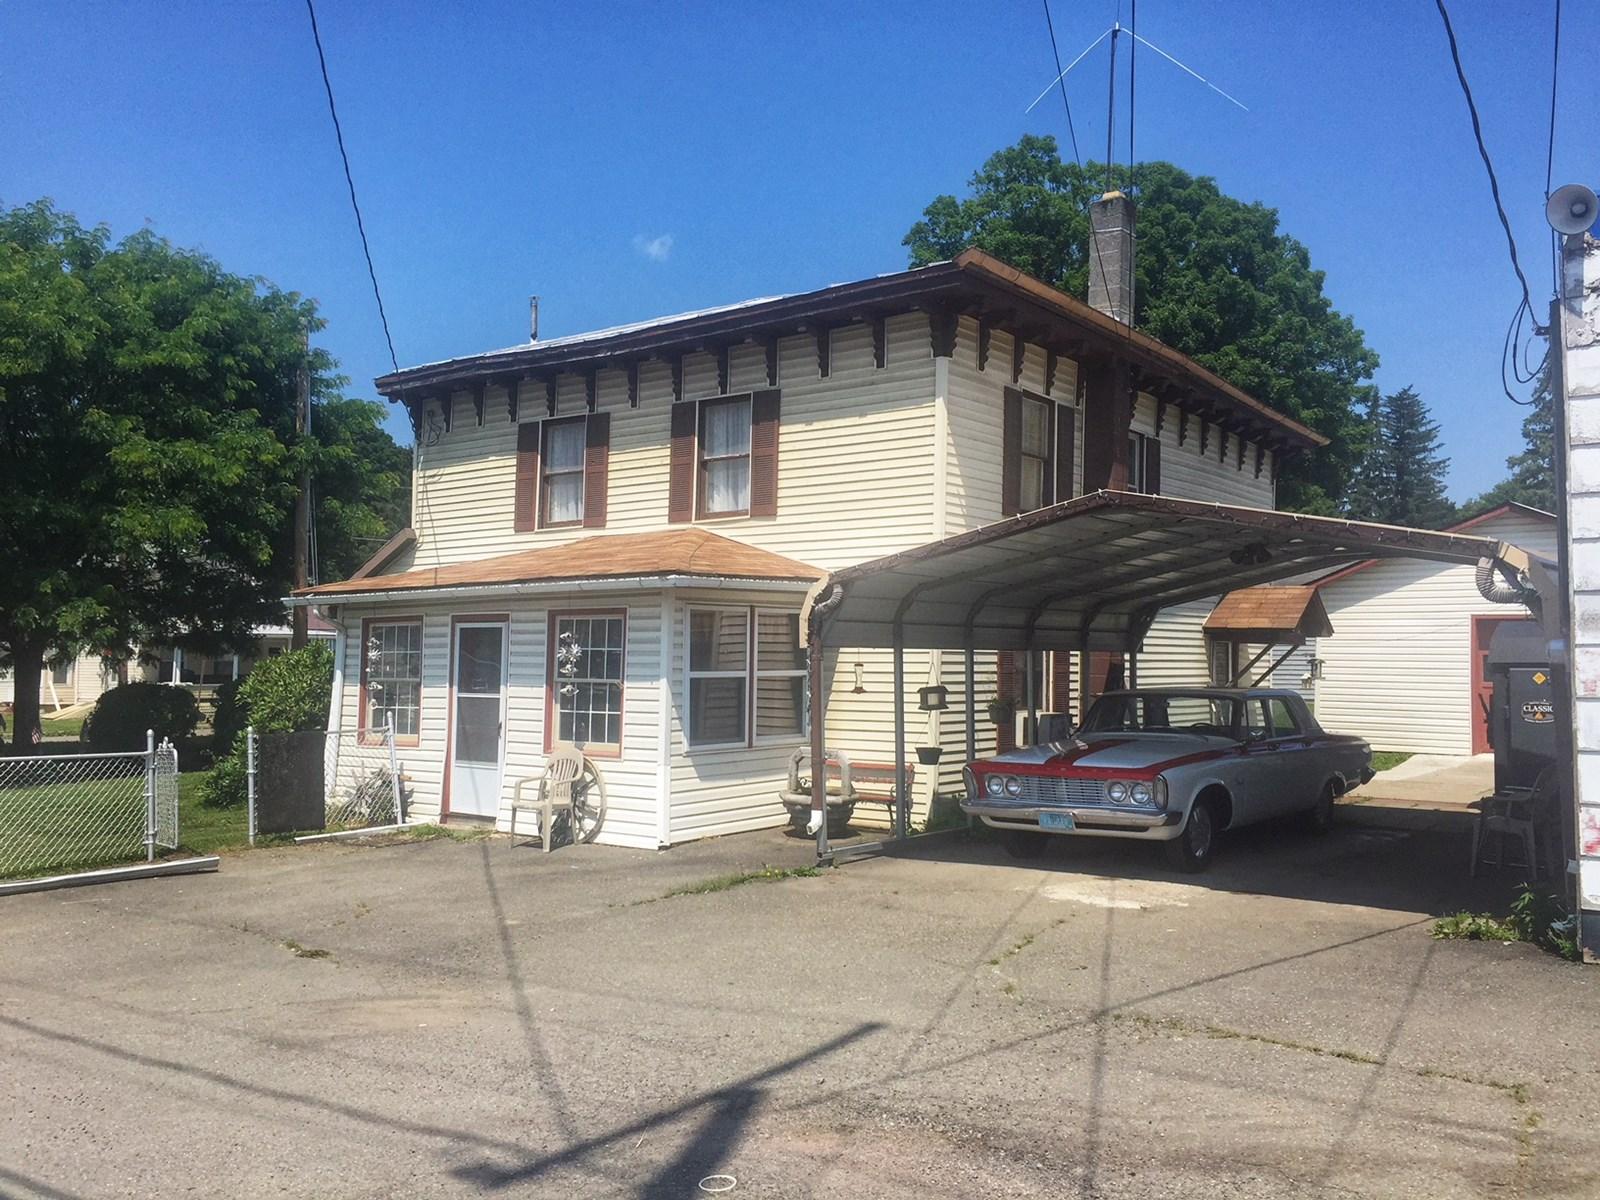 Home & Auto Garage For Sale in Tioga County, PA